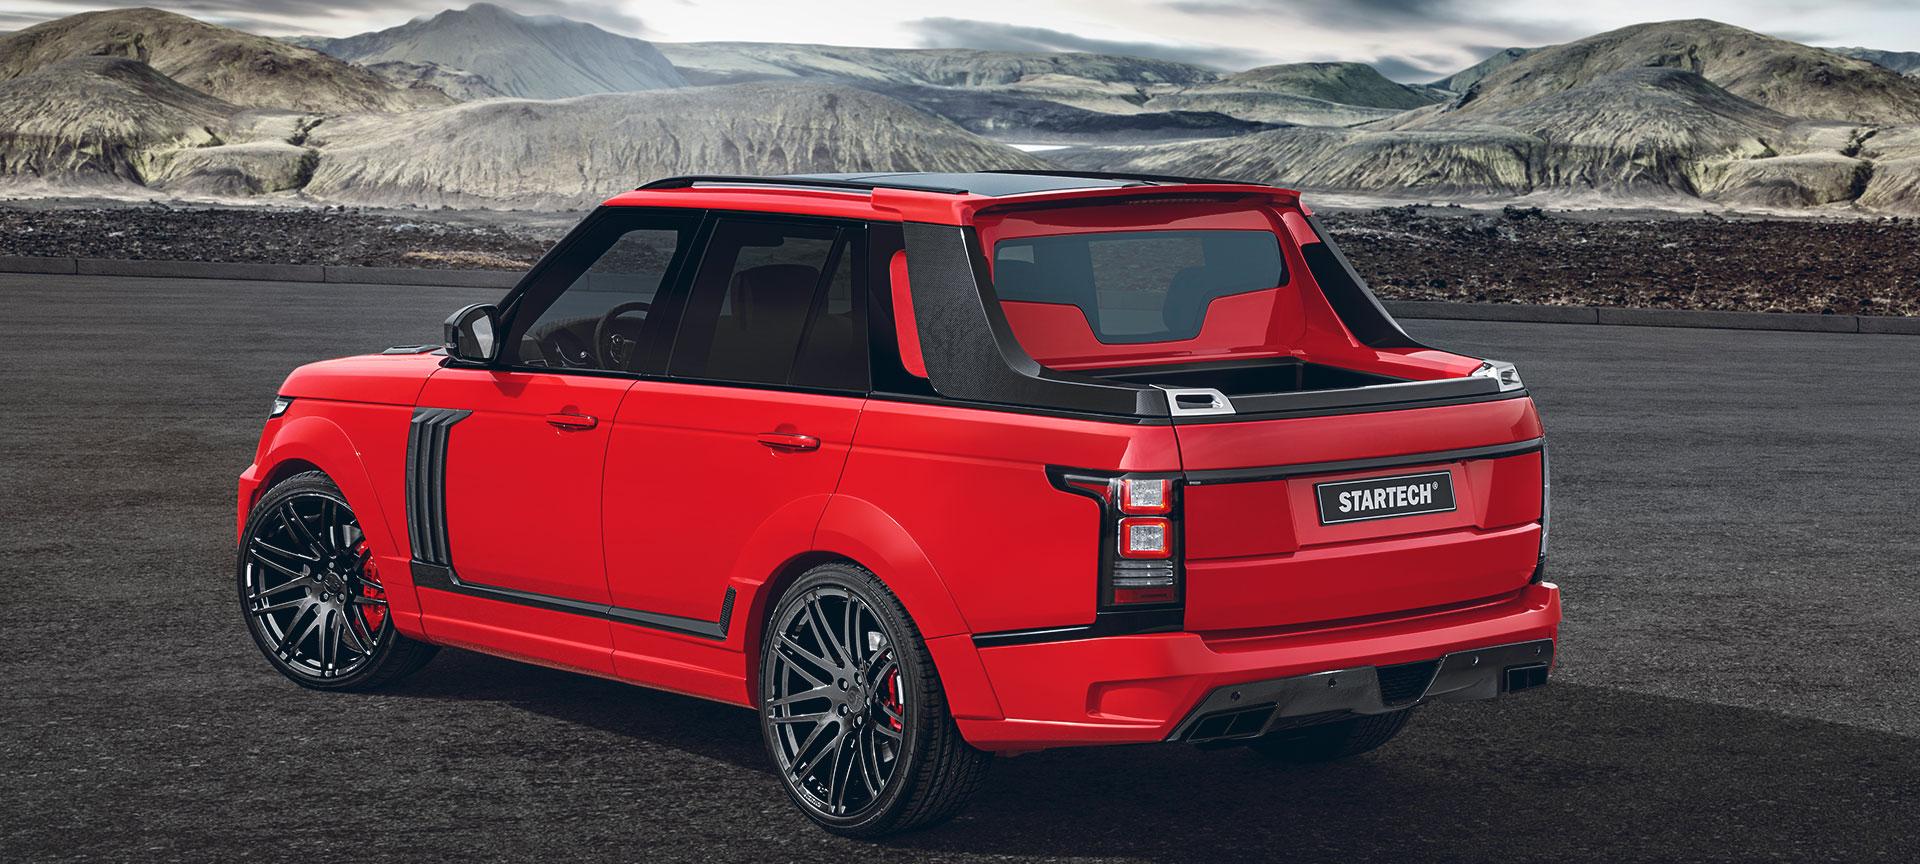 Pickup Truck 2015 Auf Range Rover Basis Startech Refinement